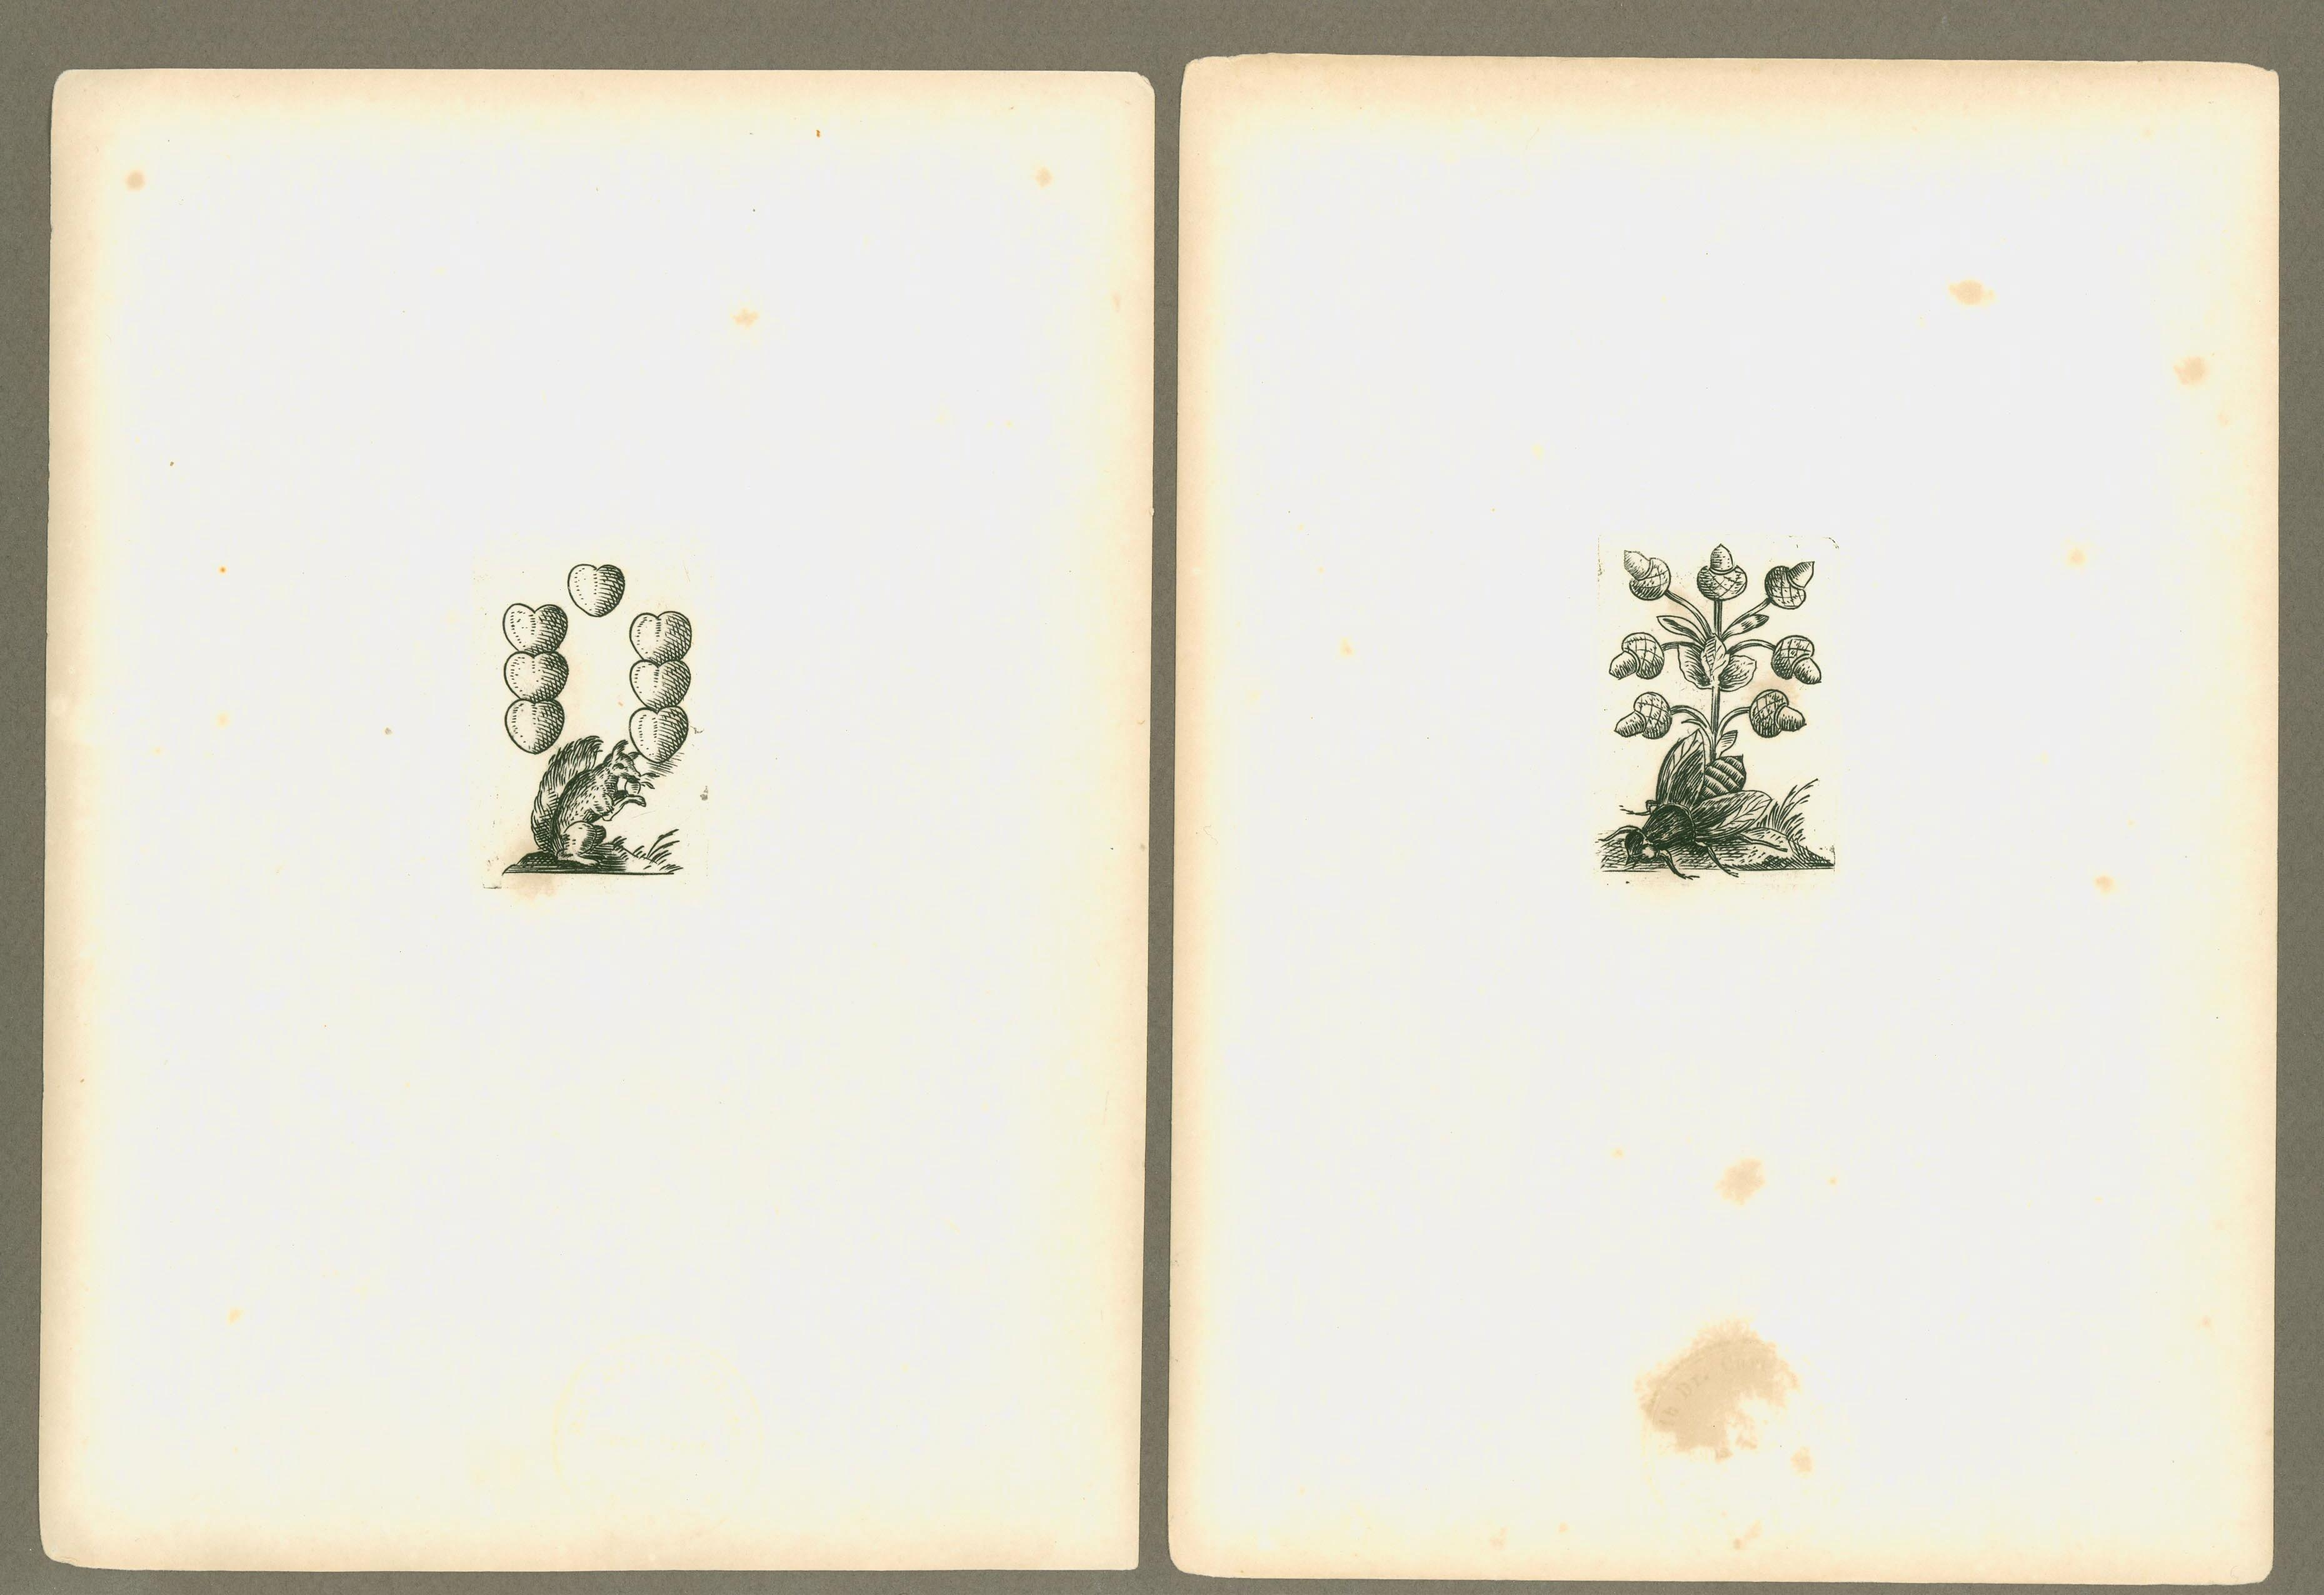 Abdrücke eines vollständigen Kartenspieles auf Silberplatten gestocken vom Georg Heinrich Bleich